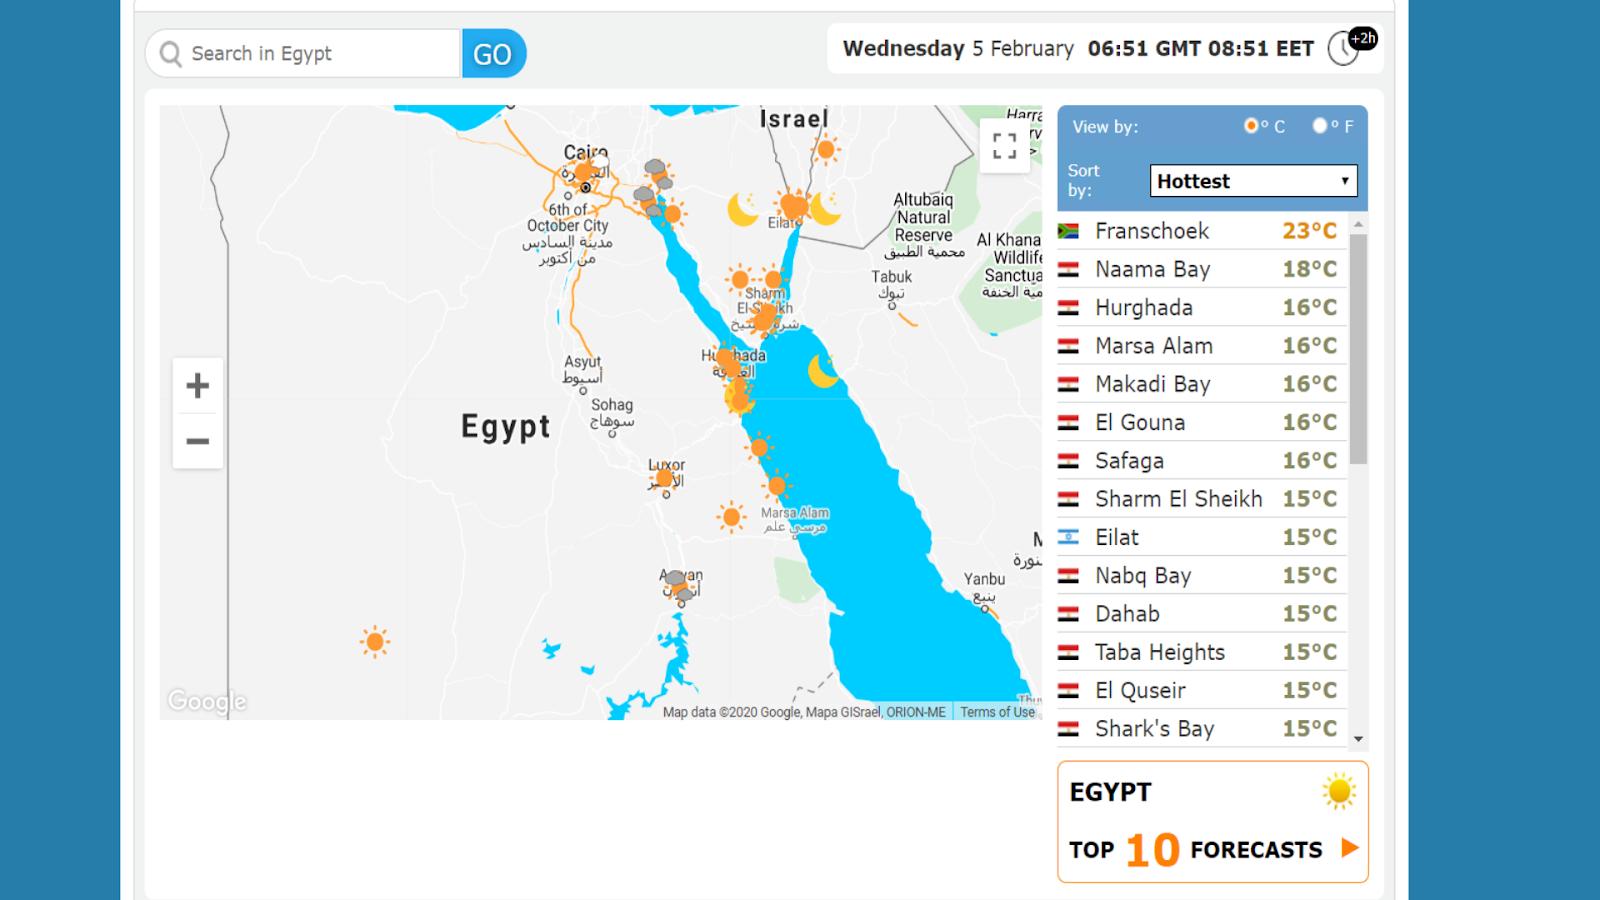 整年埃及火熱月份&氣溫埃及特色景點